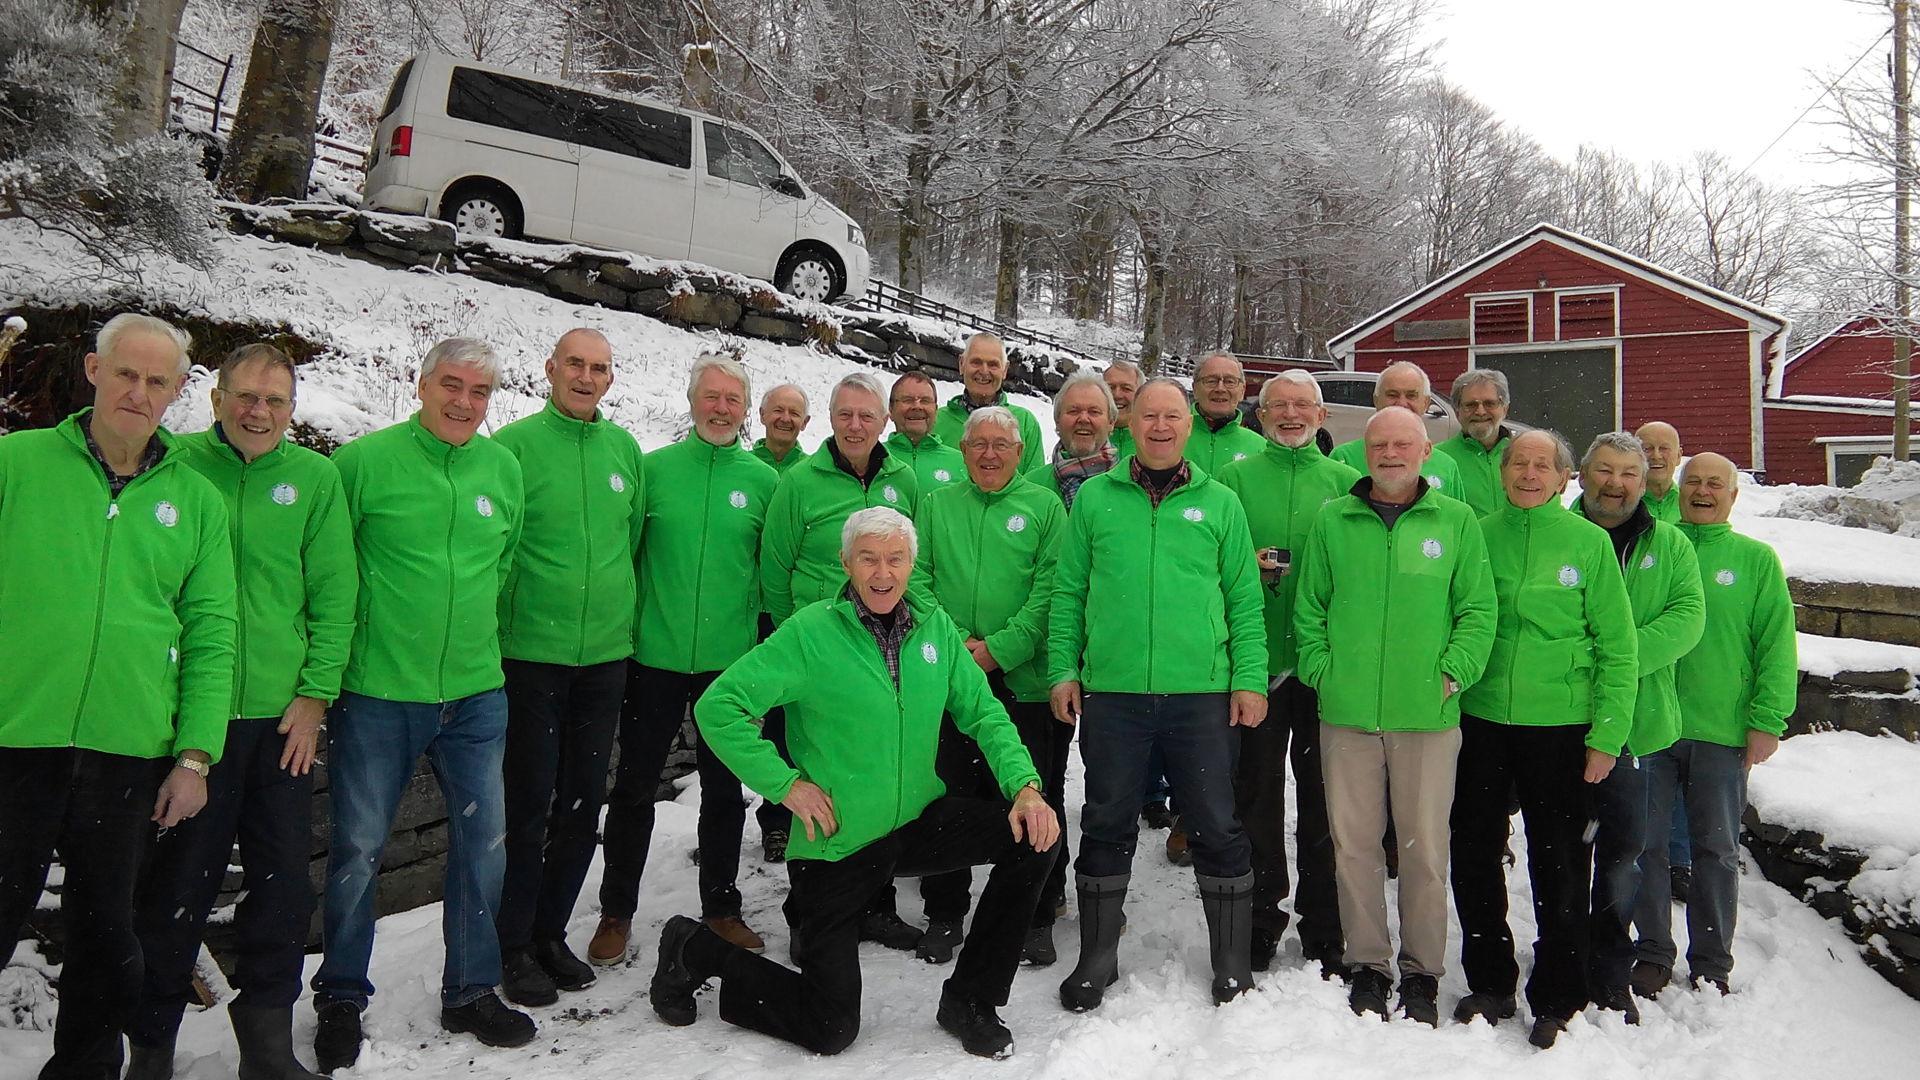 090  Gjengen poseerer  i fancy nye jakker..jpg